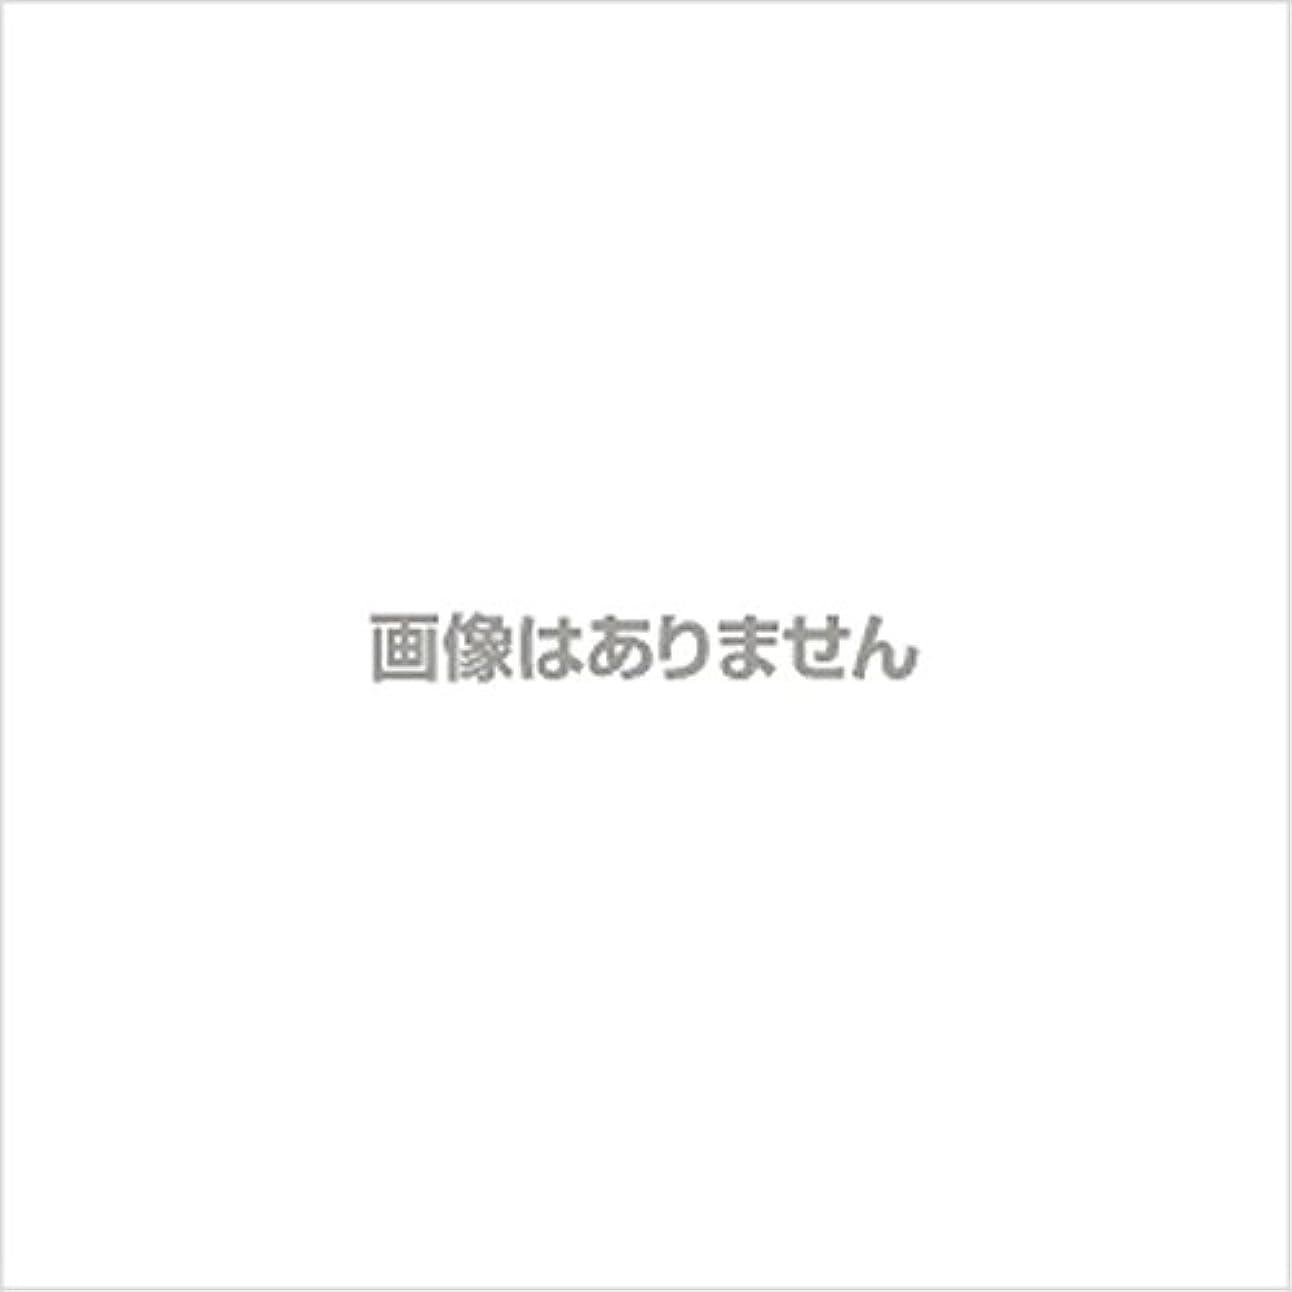 製造業ヒールサージニュージャスト ヘルパーグローブ M(500枚入) 【商品コード】4010400